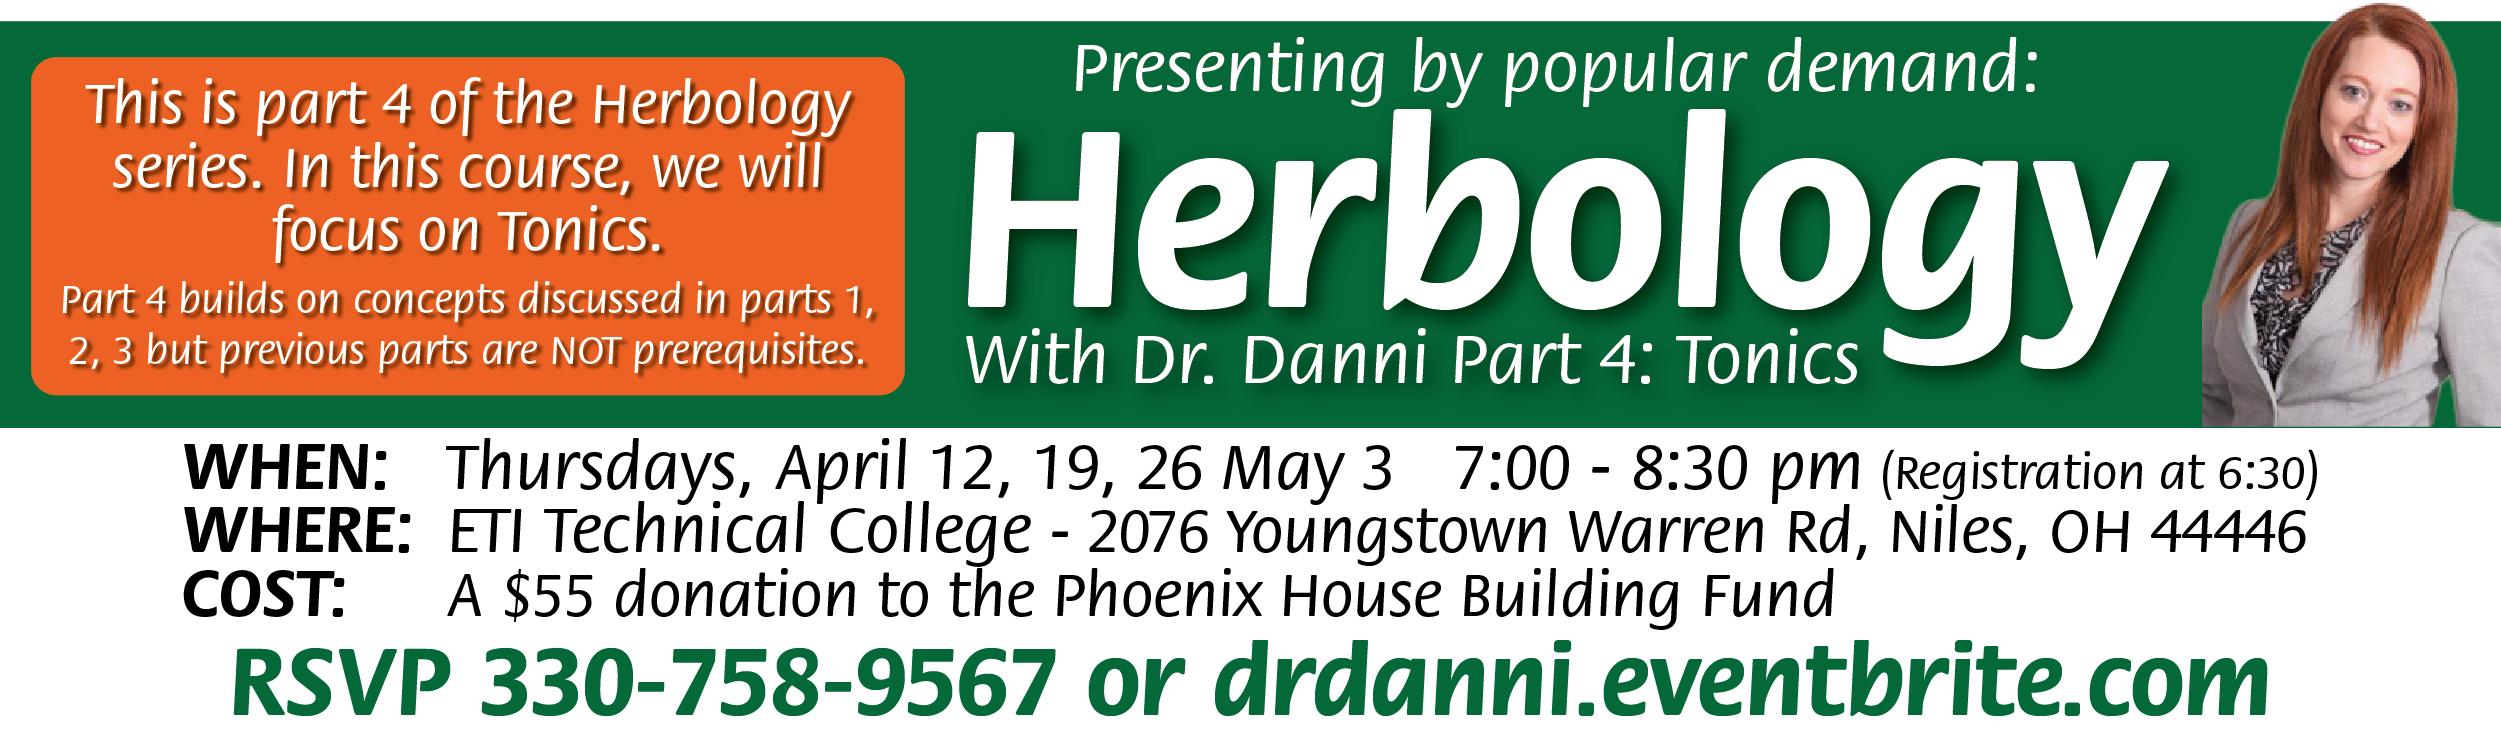 Herbology Part 4 class